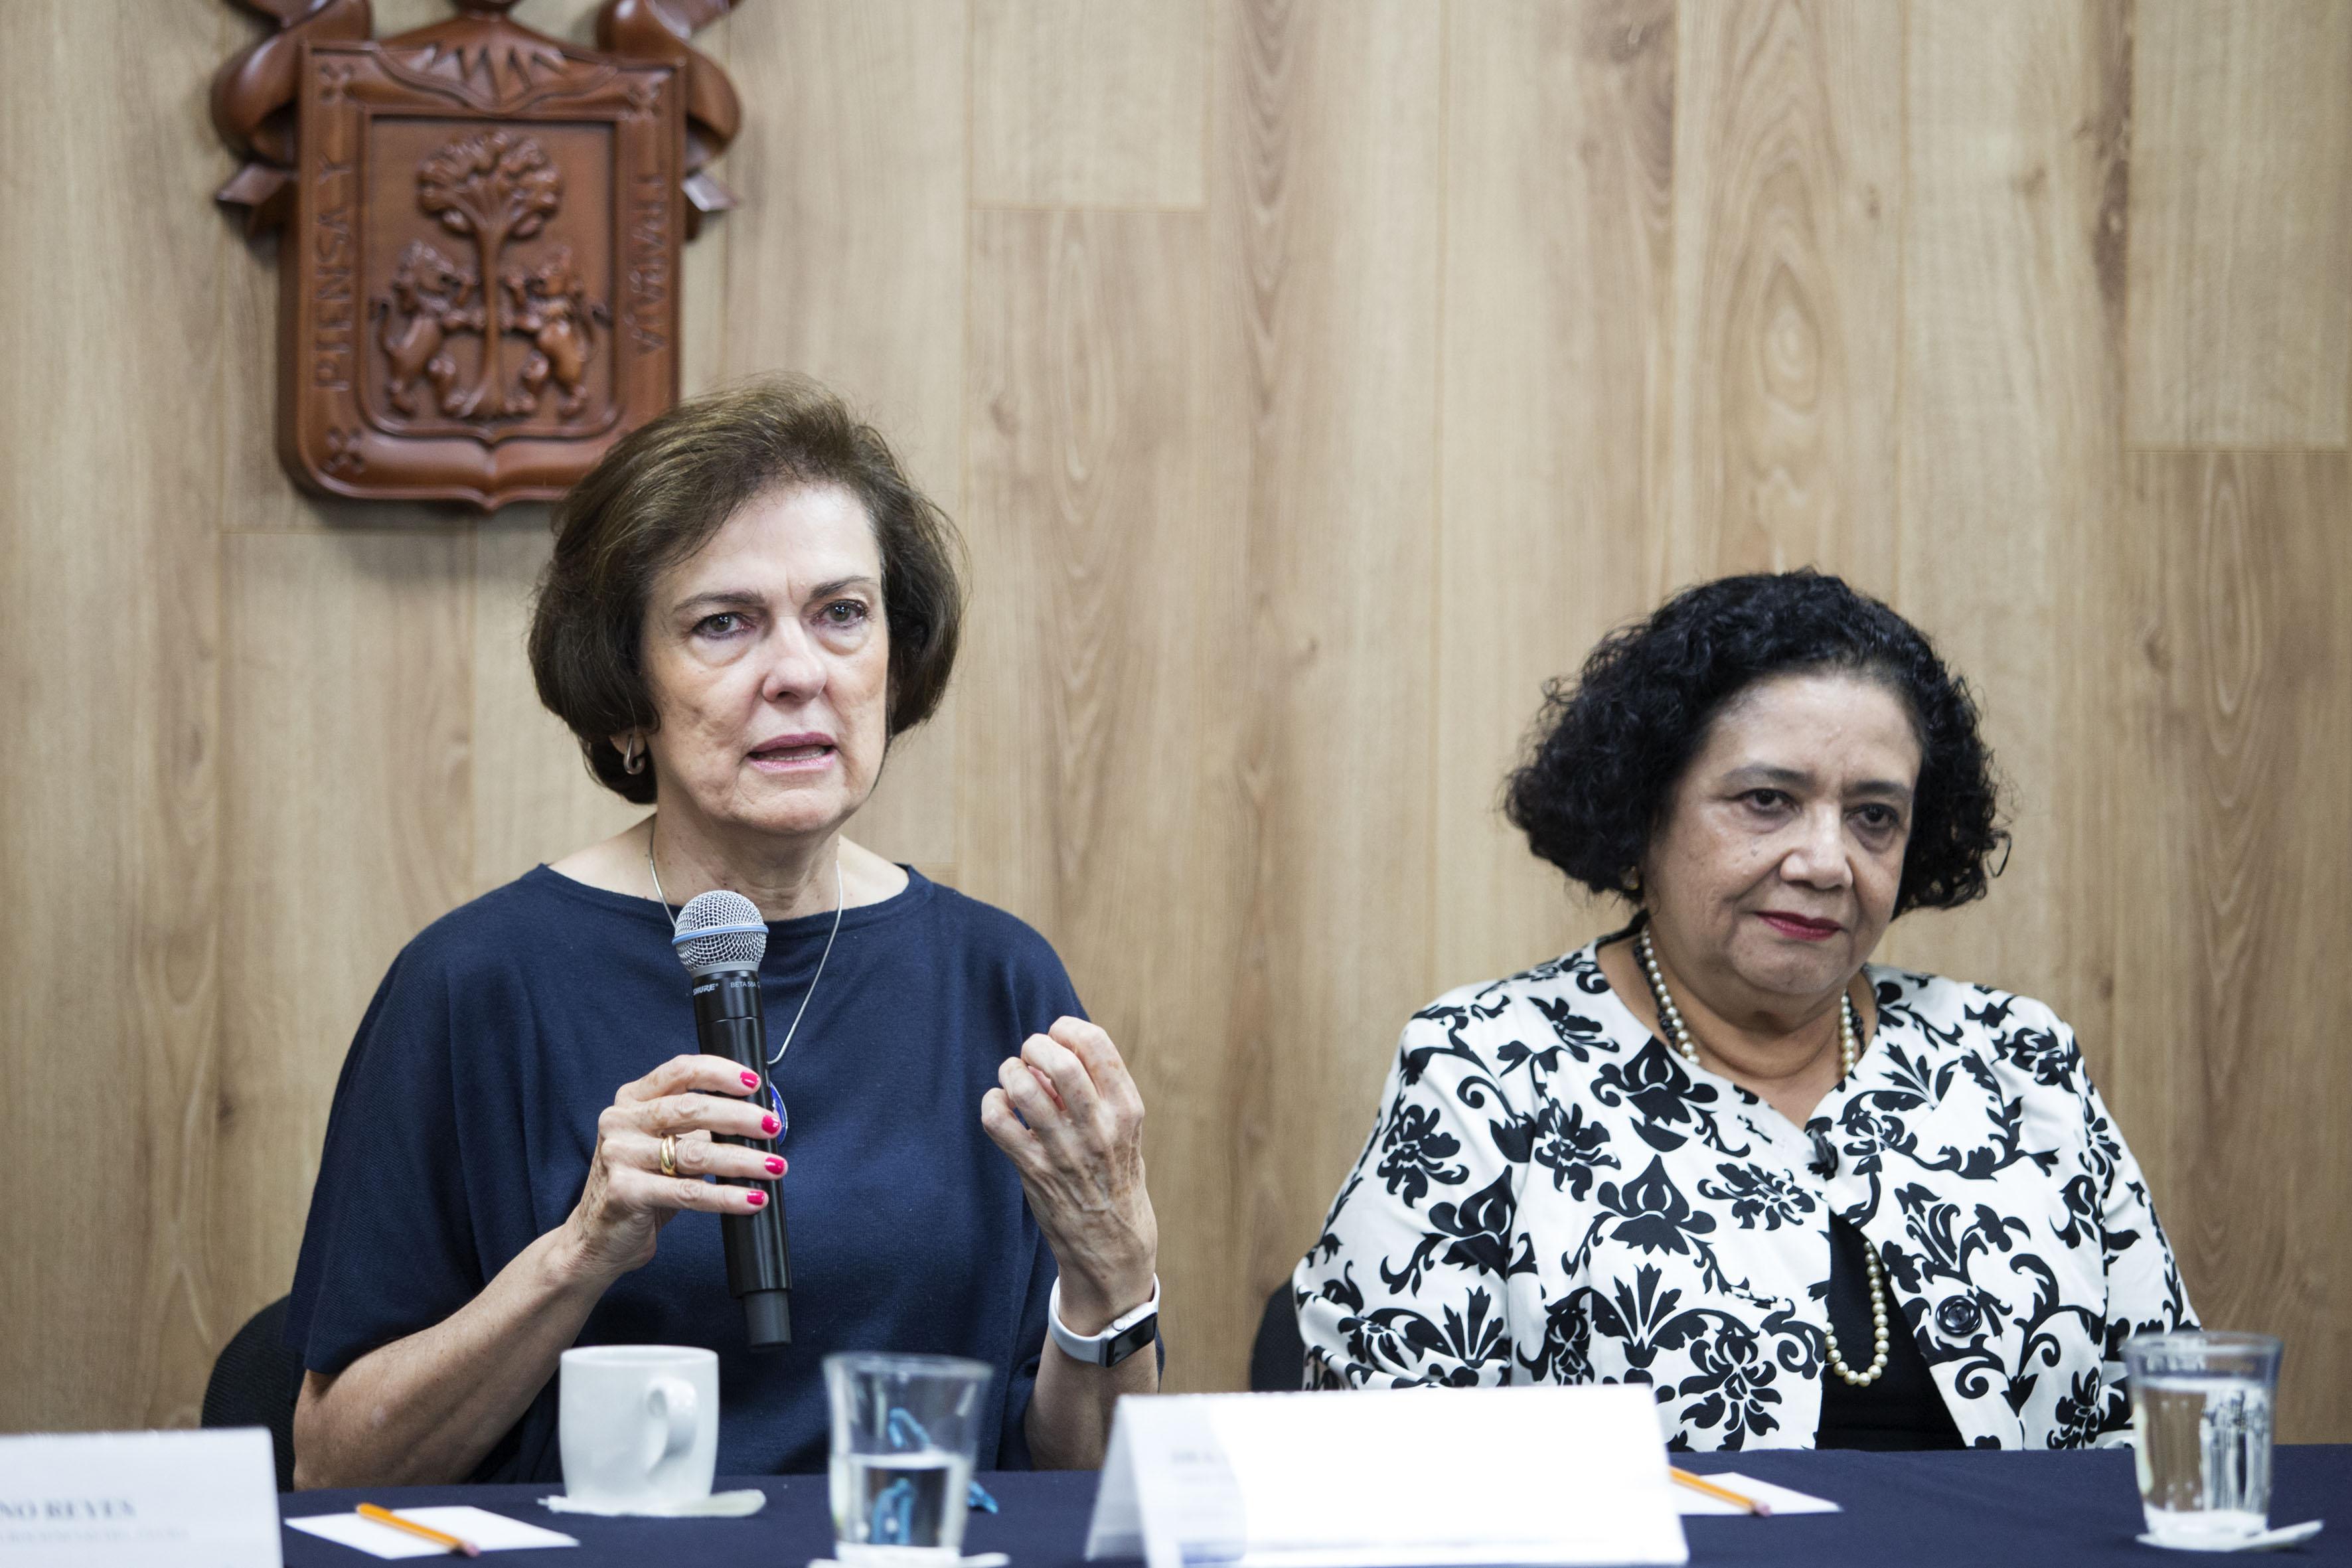 Doctora Esmeralda Matute Villaseñor, Directora del Instituto de Neurociencias del Centro Universitario de Ciencias Biológicas y Agropecuarias de la Universidad de Guadalajara; con micrófono en mano haciendo uso de la palabra.